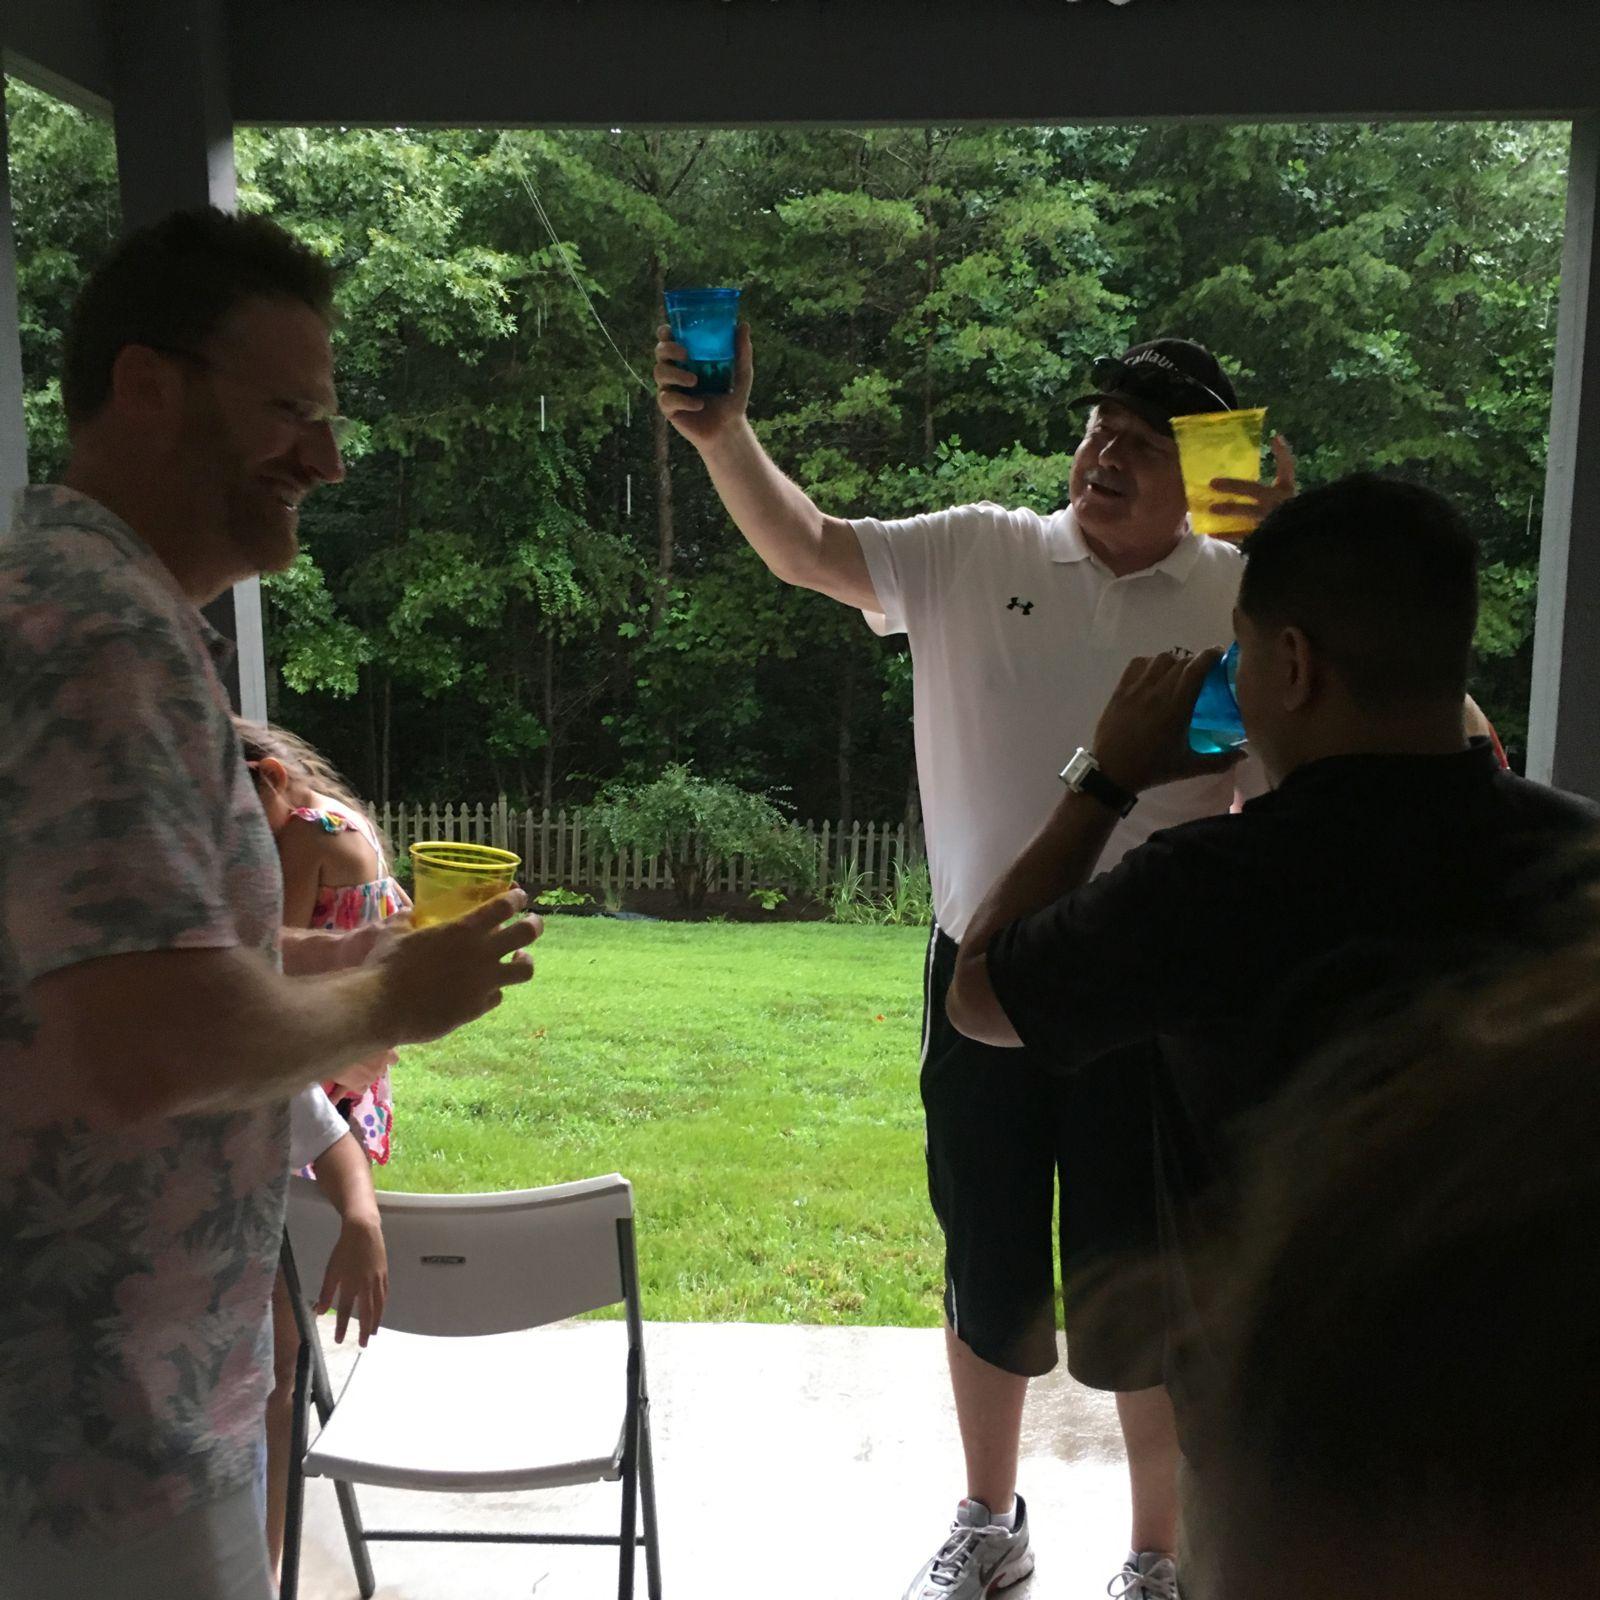 toasting at kffj picnic